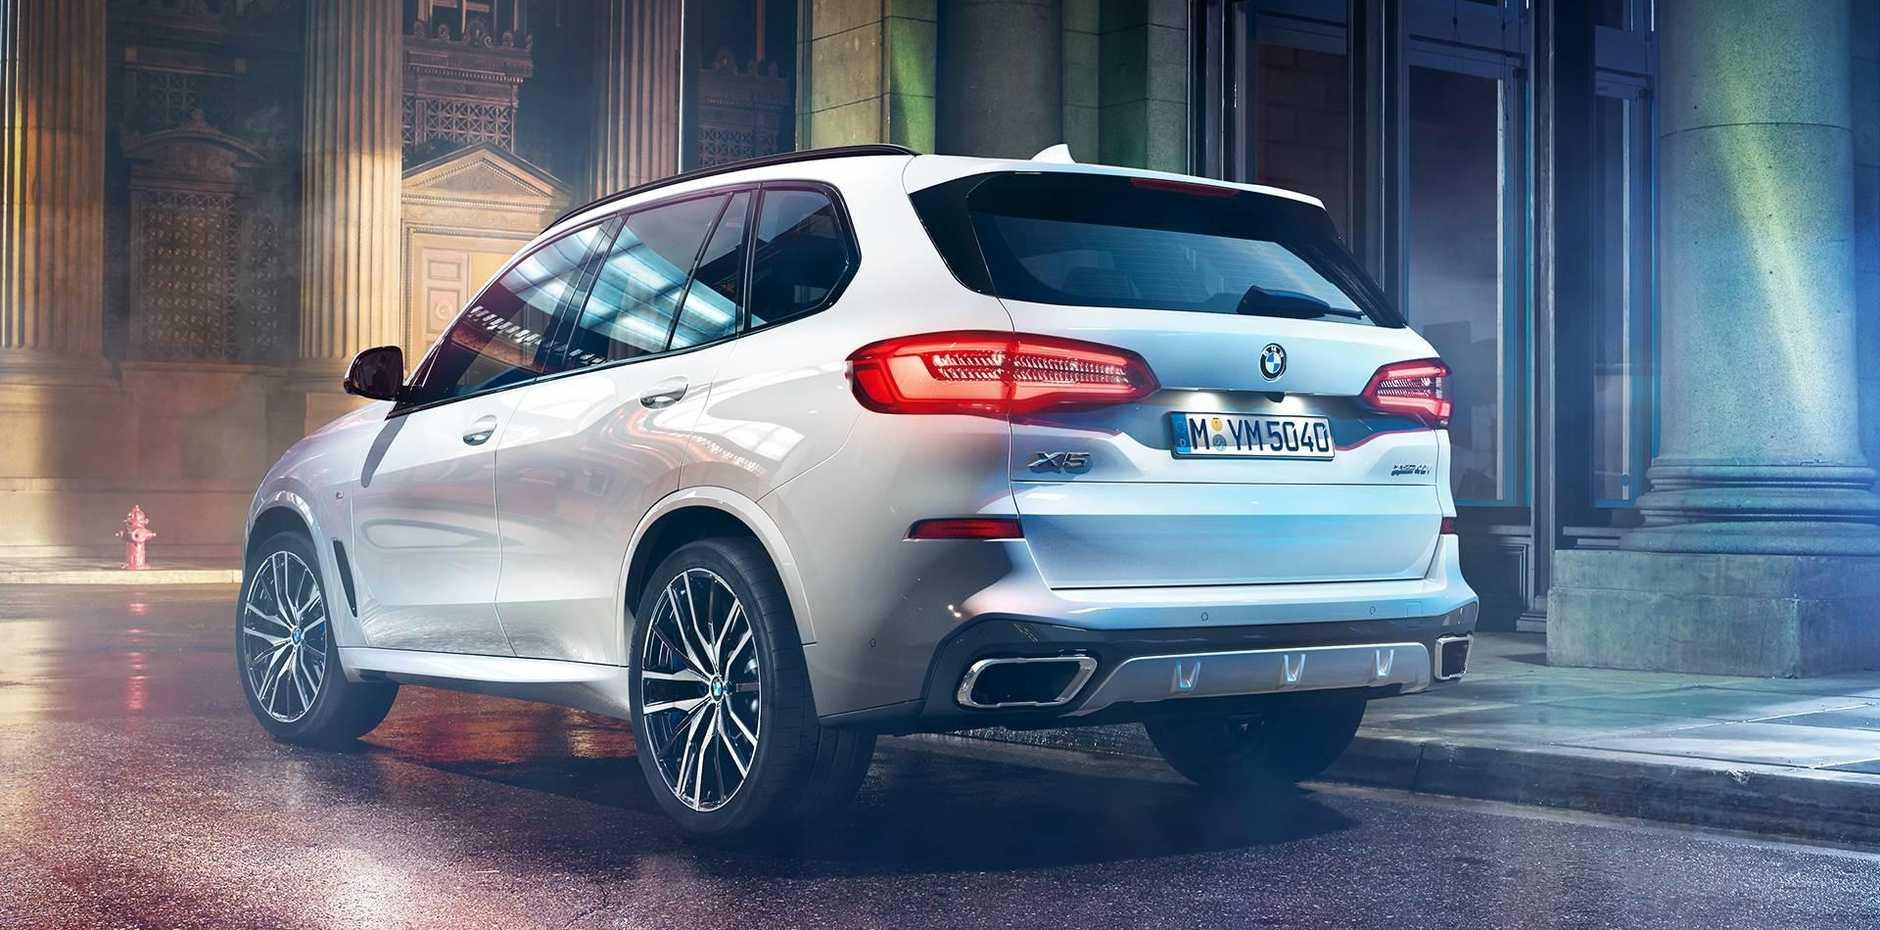 The BMW X5.